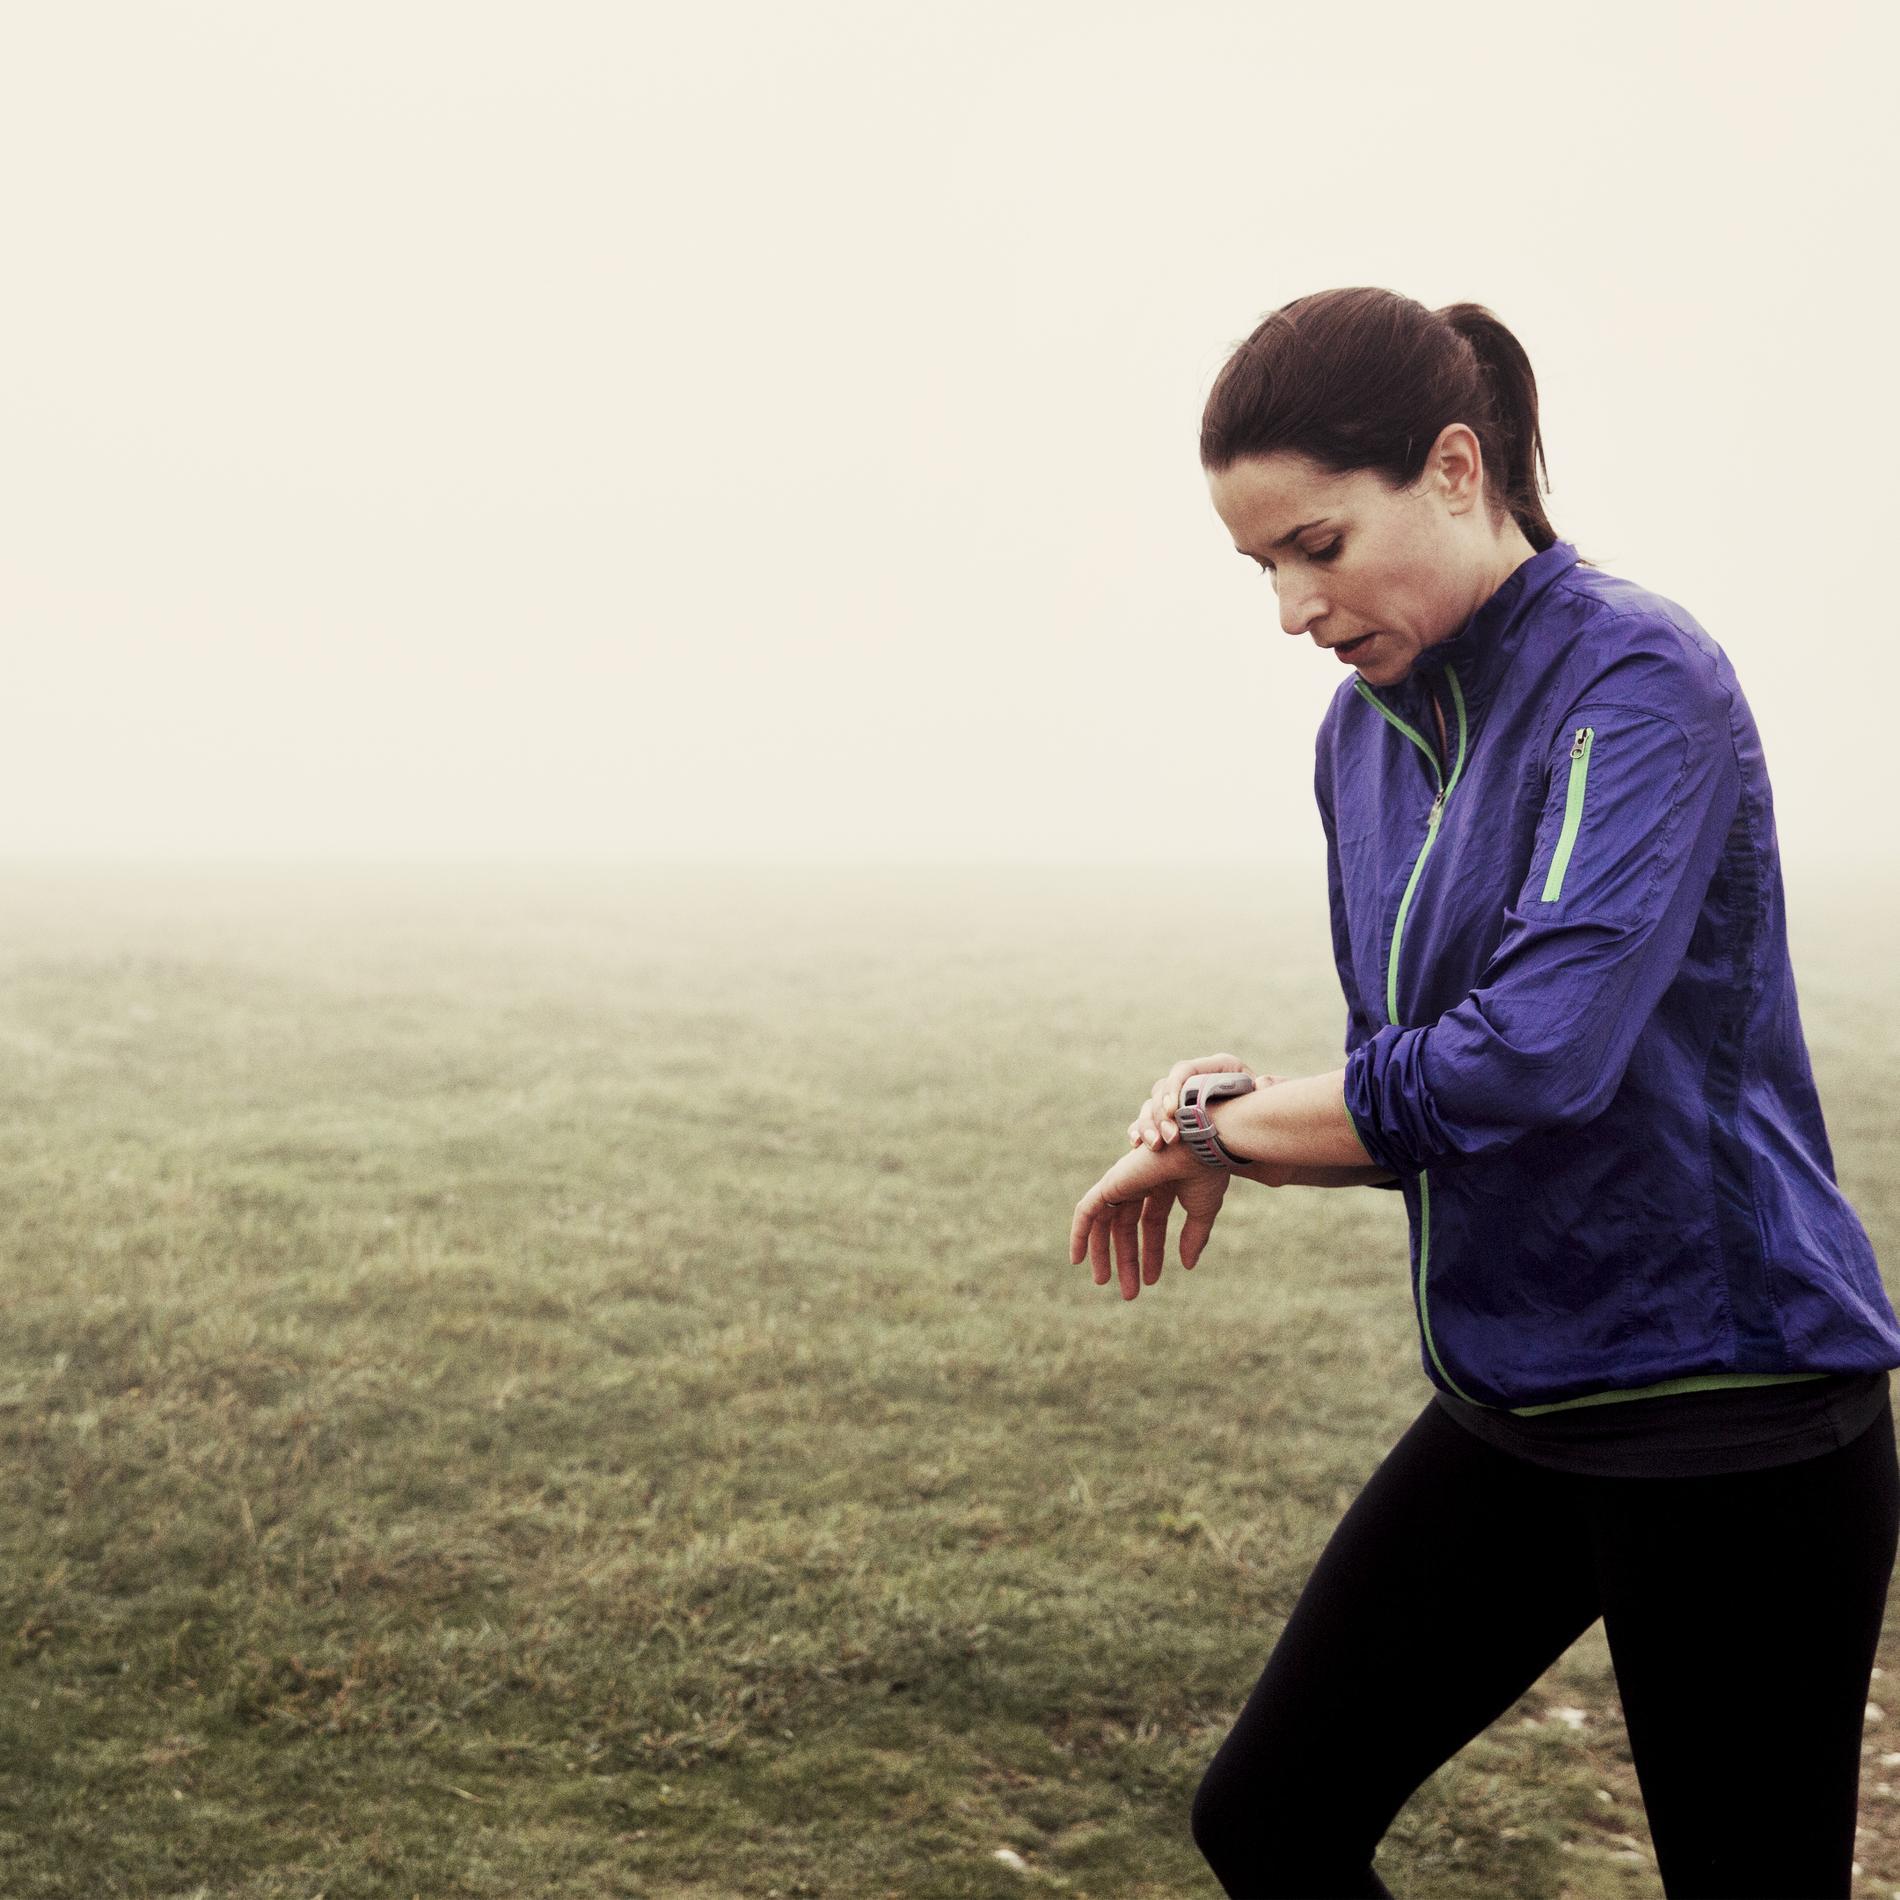 Guide : Courir pour maigrir - débutant - mincir 3 kg 5 kg 10 kilos surpoids